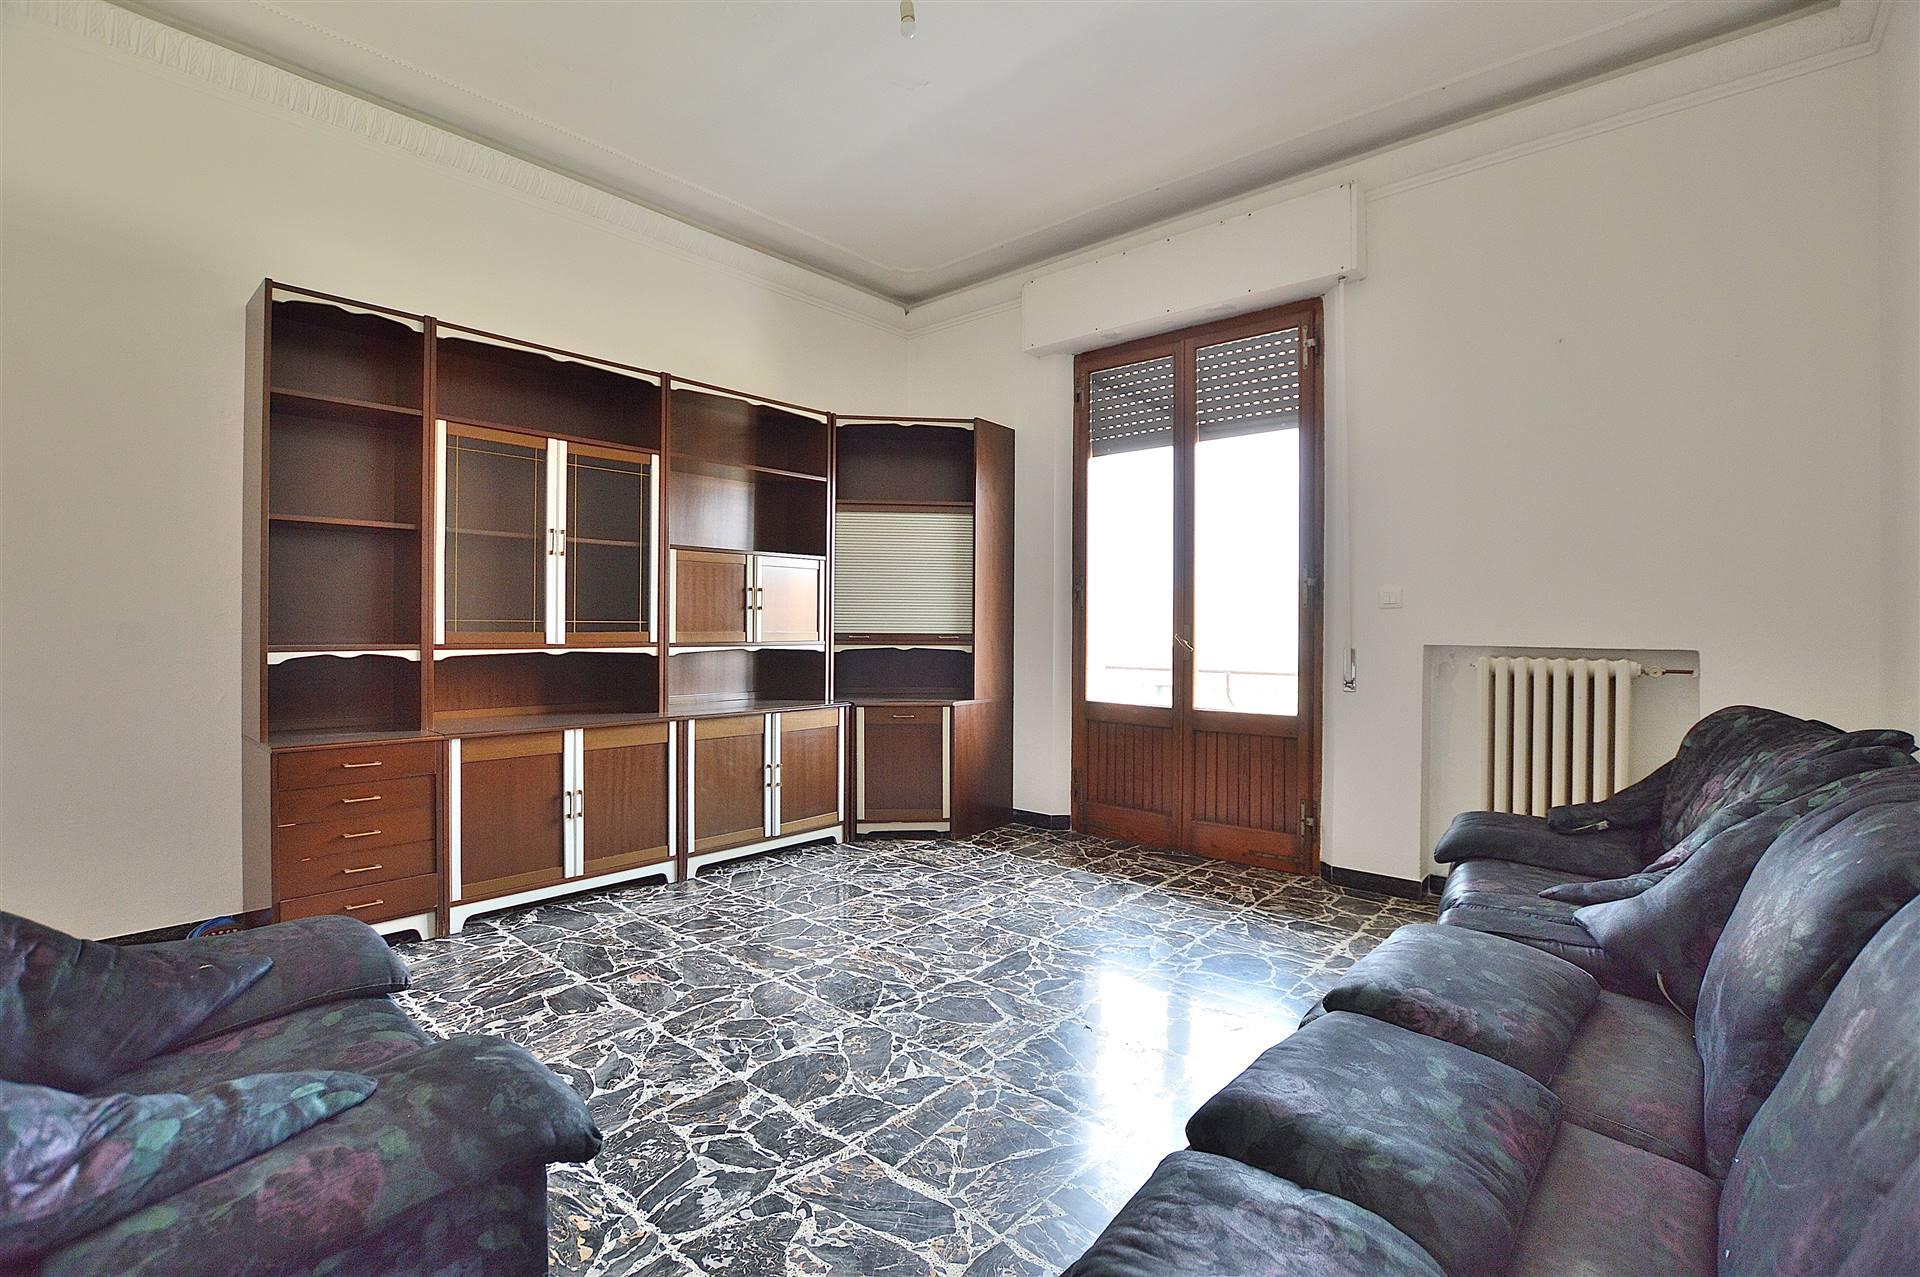 Monteroni d'Arbia, in zona centrale e tranquilla, proponiamo ampio appartamento posto al secondo ed ultimo piano di una piccola palazzina di soli 4